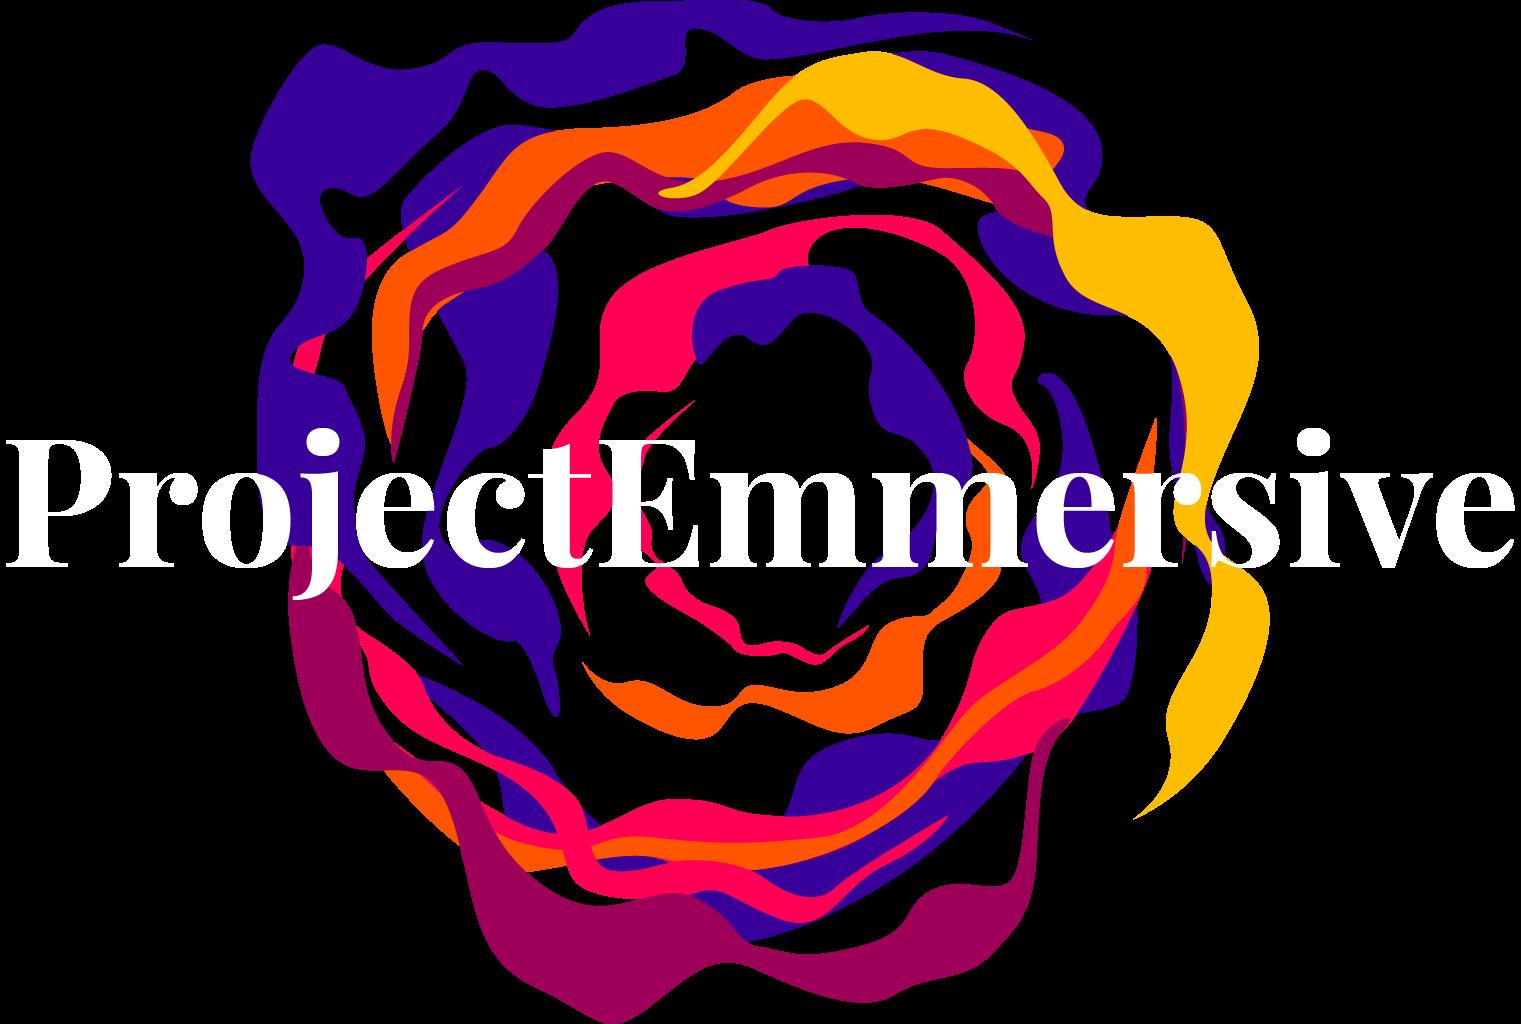 ProjectEmmersive